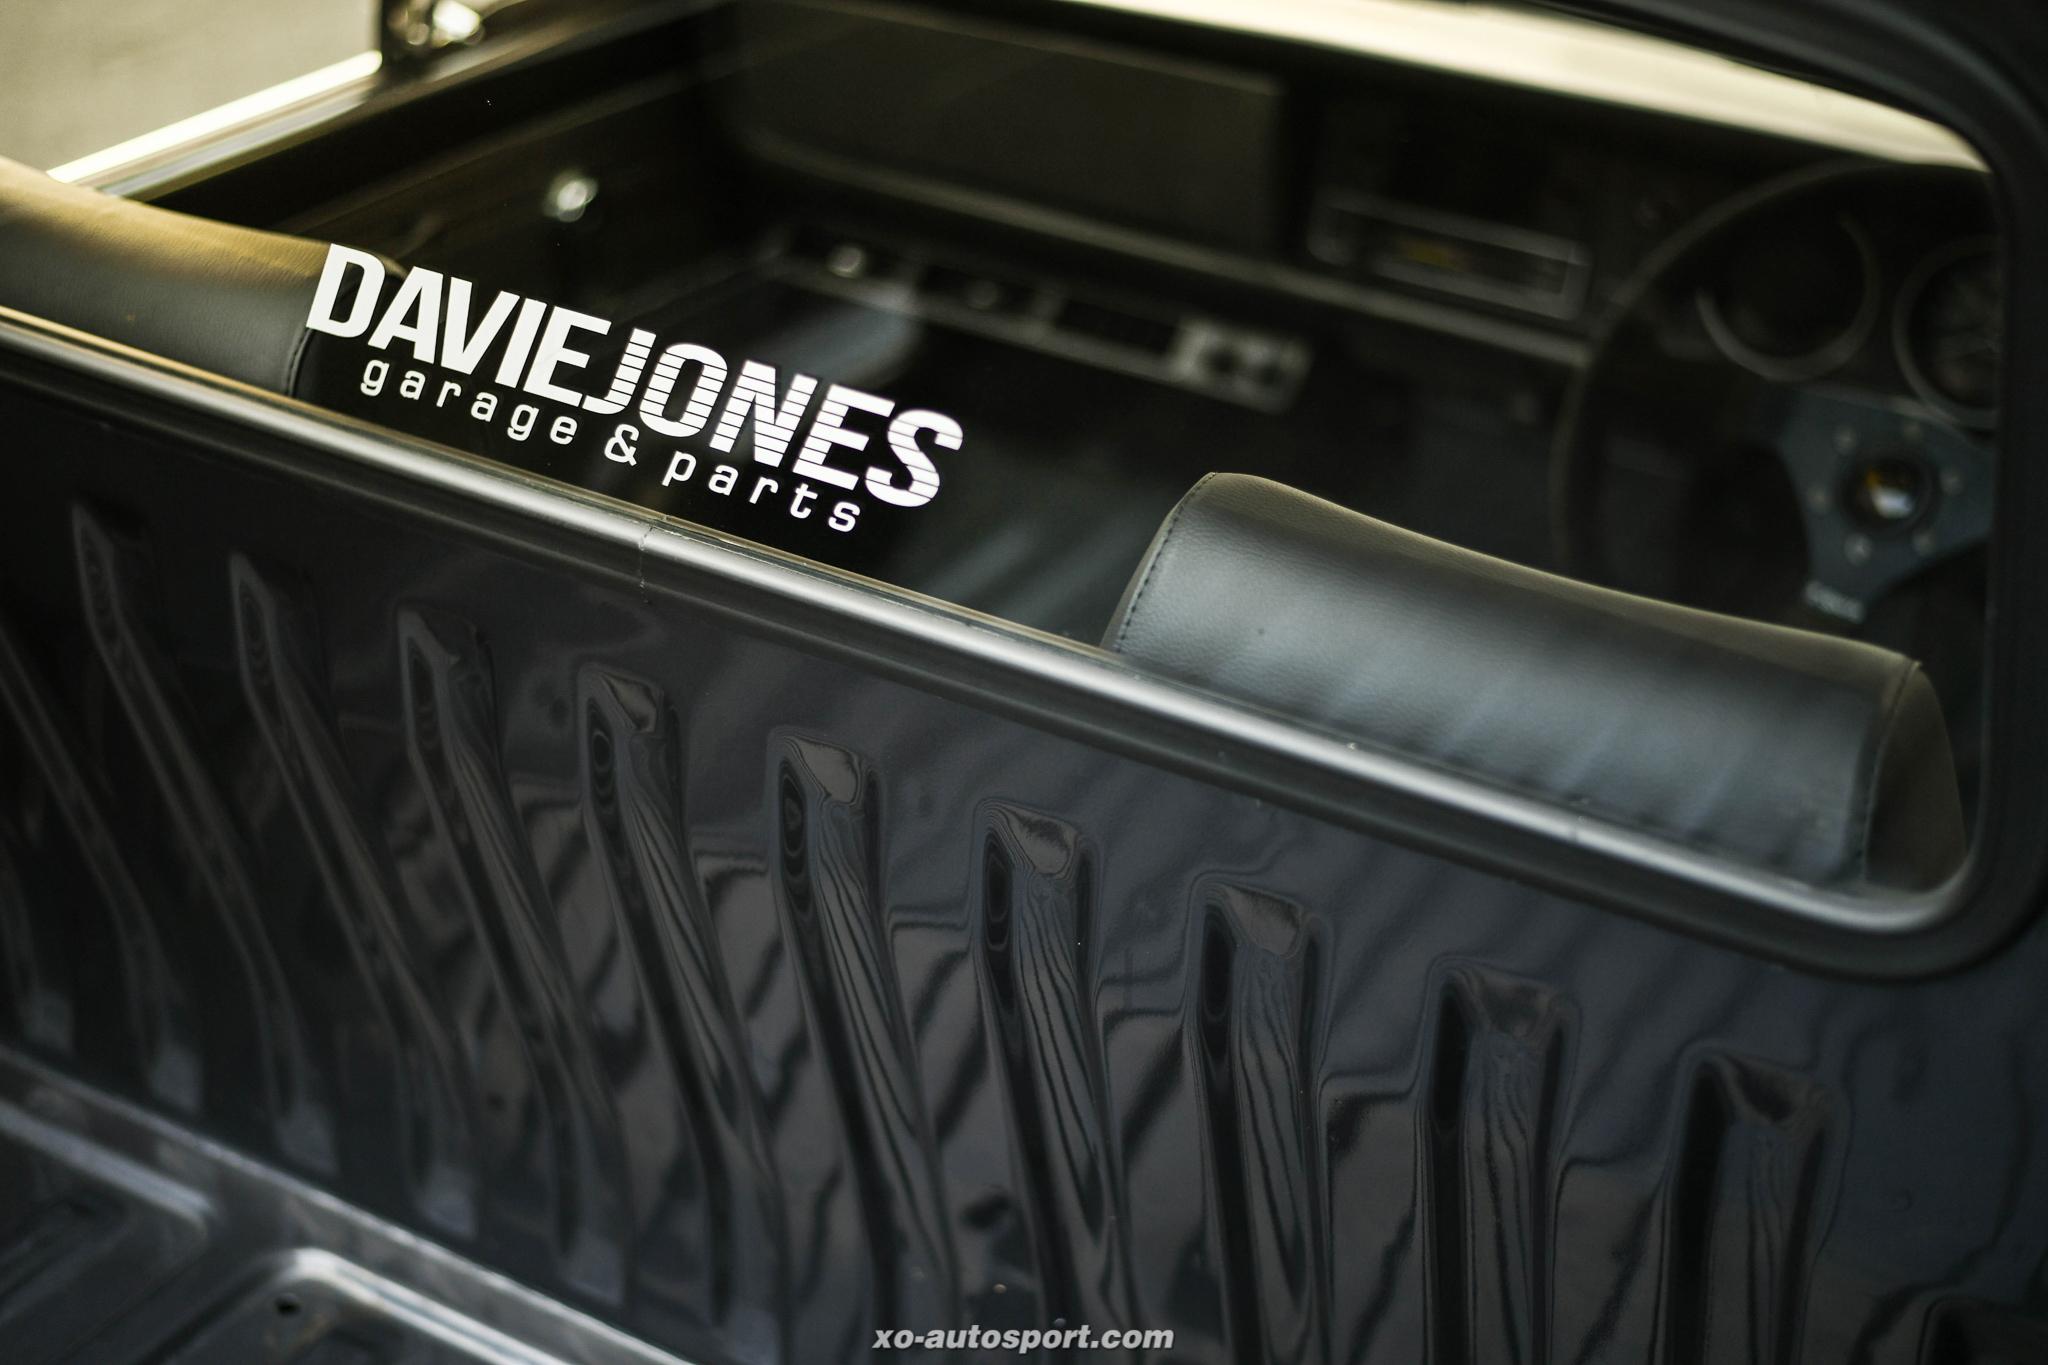 HAKOTORA DAVIE JONES Garage 13